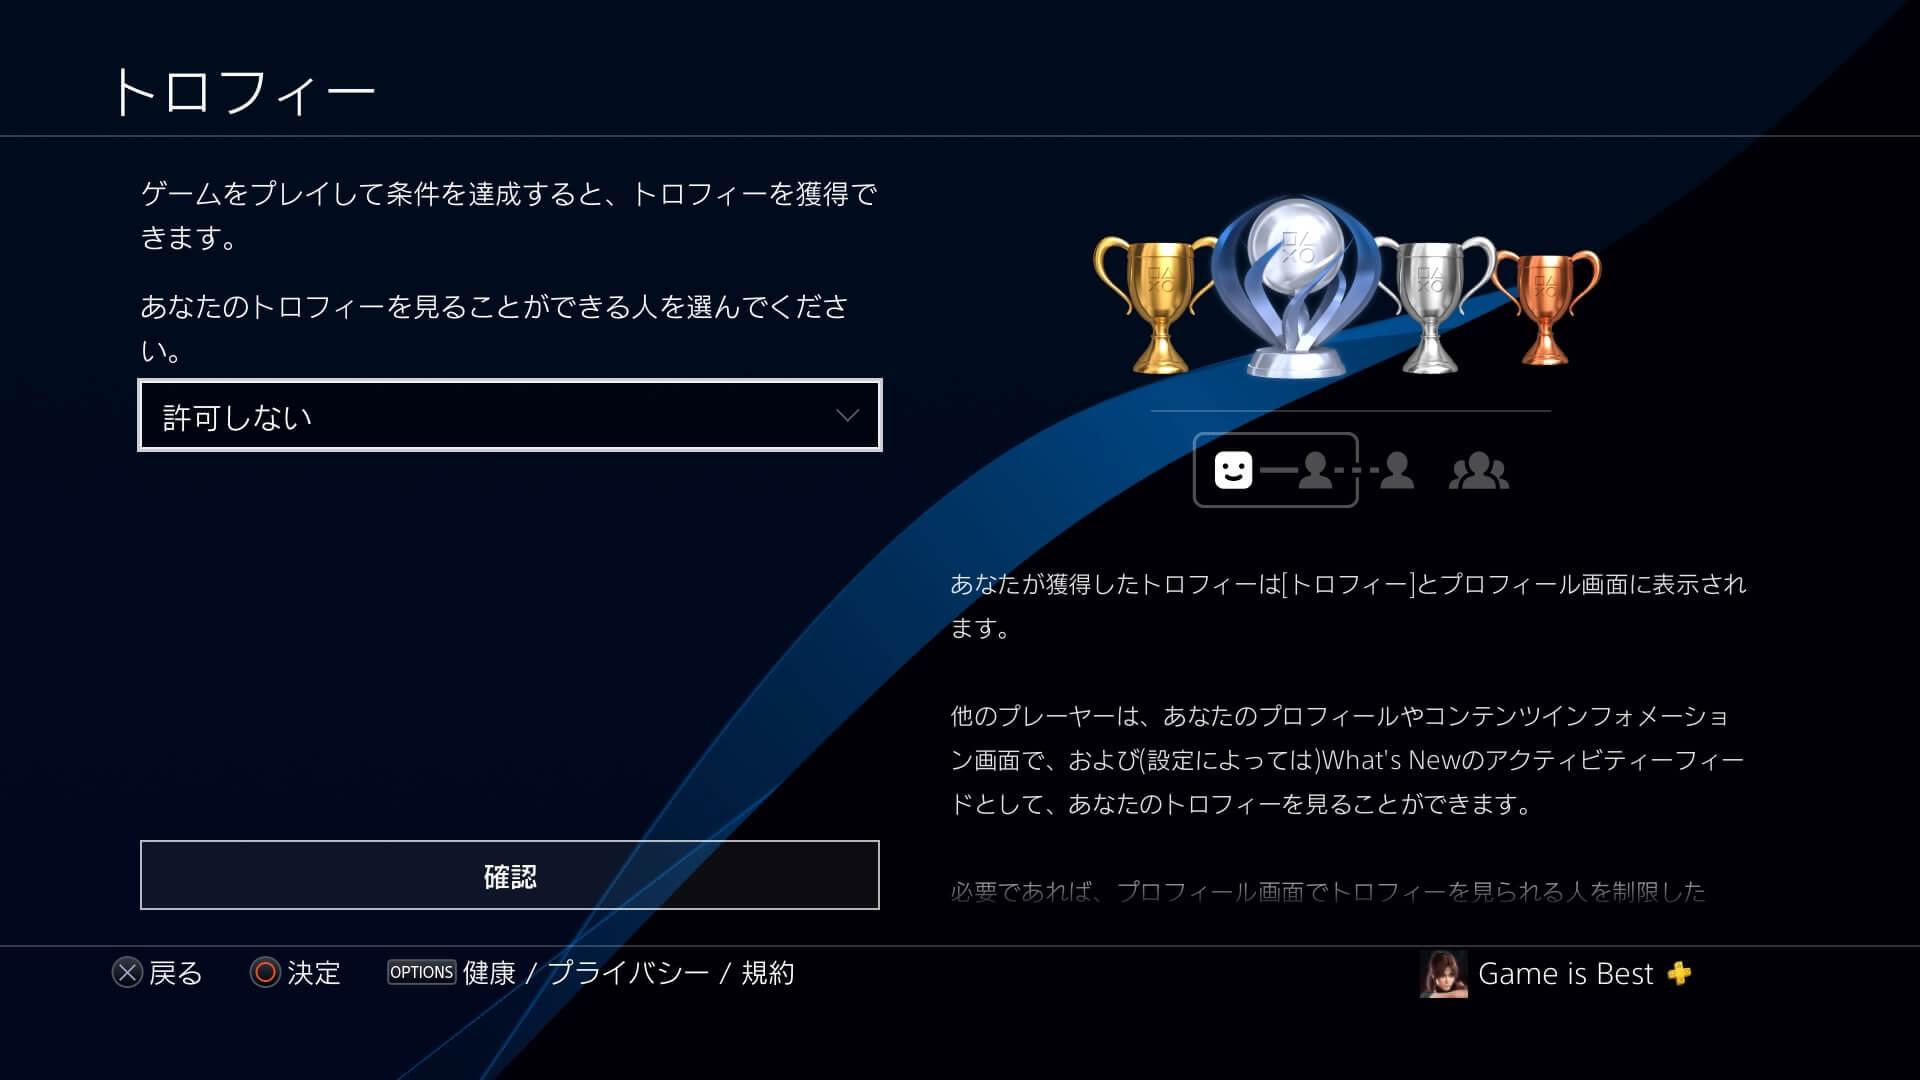 PS4トロフィー